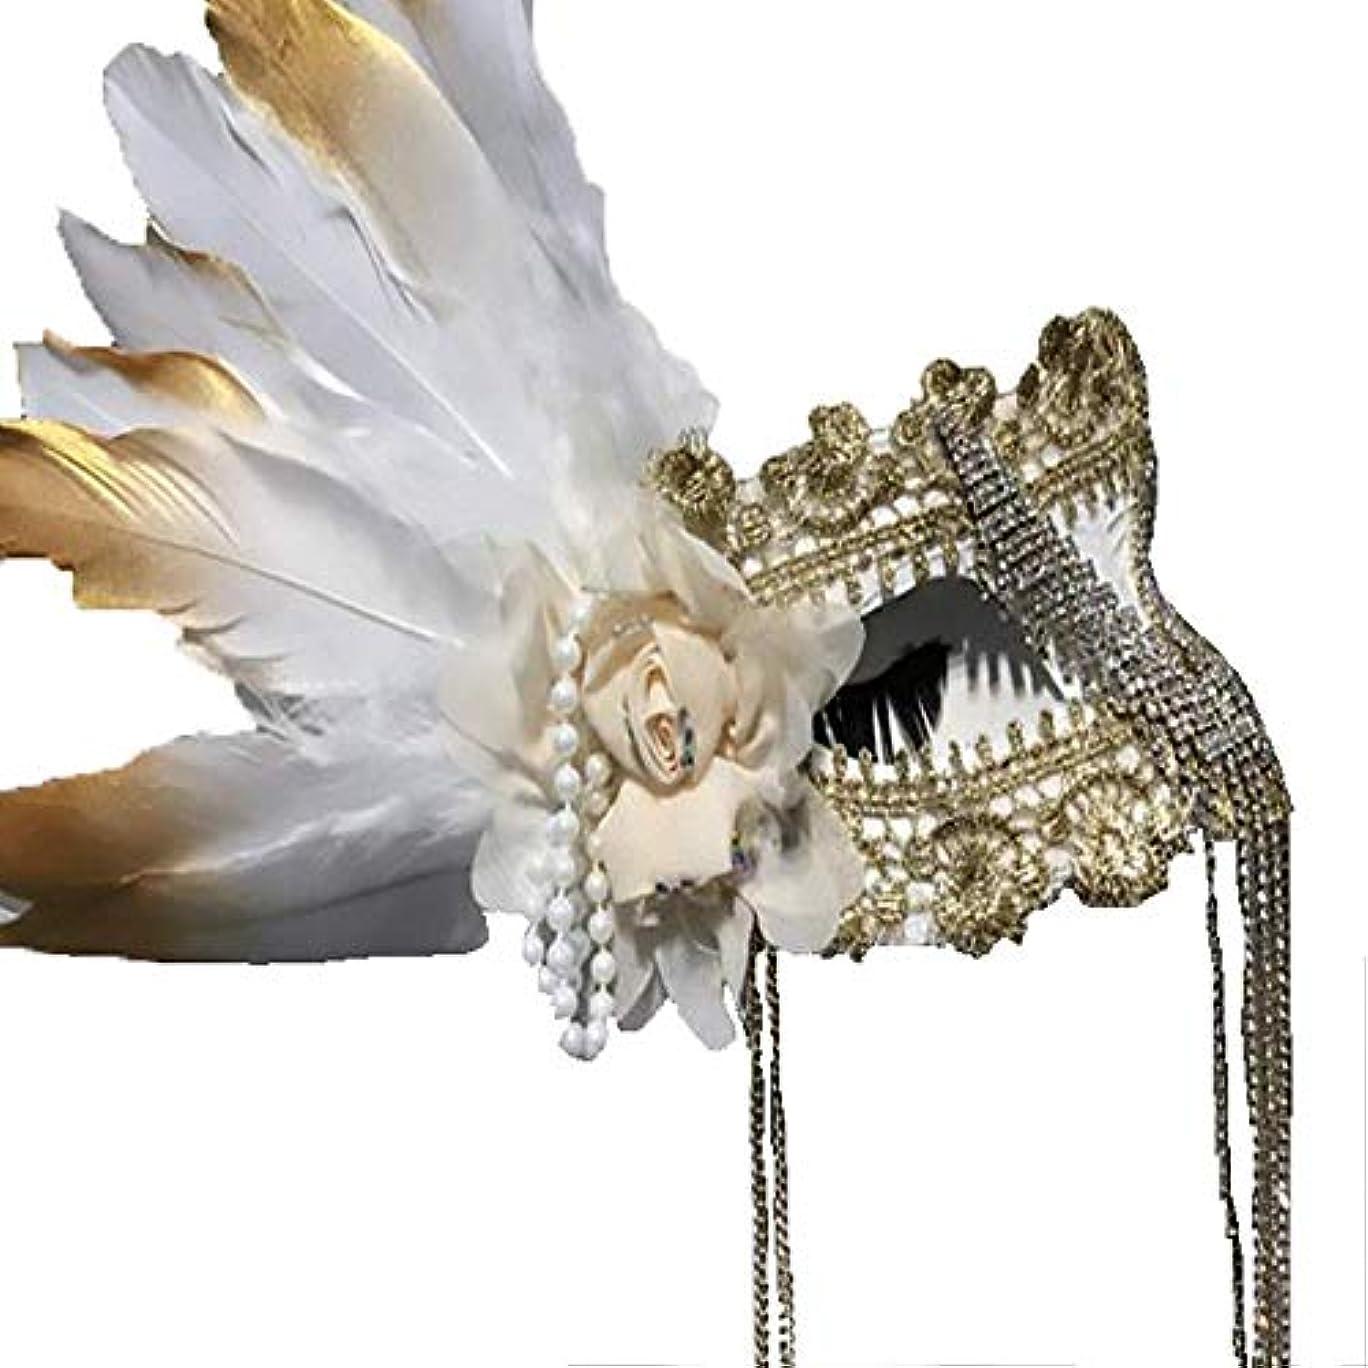 メトロポリタンボーナス大騒ぎNanle ハロウィーンのラインストーンフリンジフェザー刺繍花マスク仮装マスクレディミスプリンセス美容祭パーティーデコレーションマスク